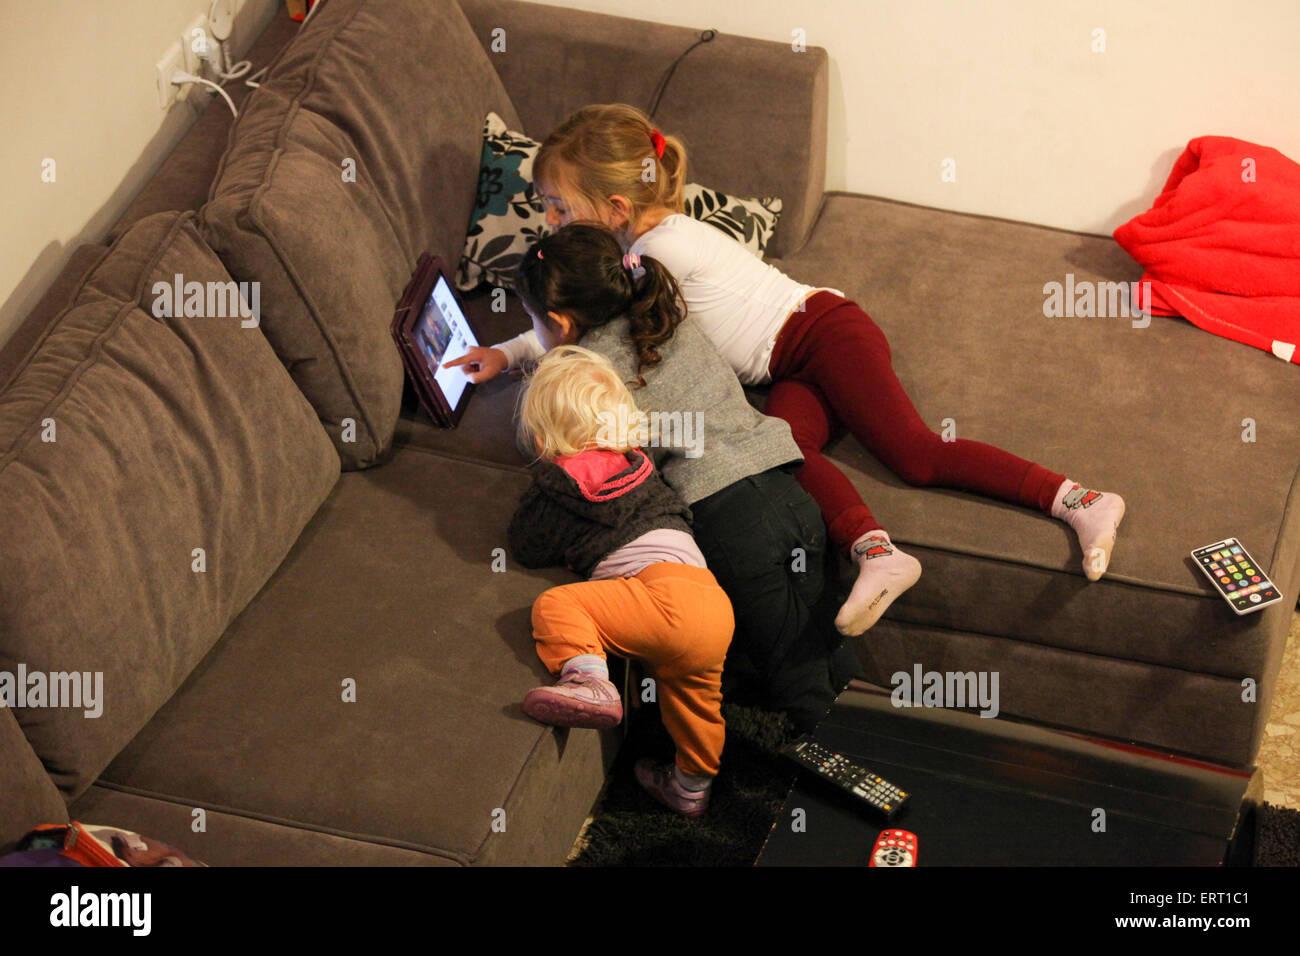 Trois jeunes filles sont regarder youtube film sur un Ipad. Photo Stock